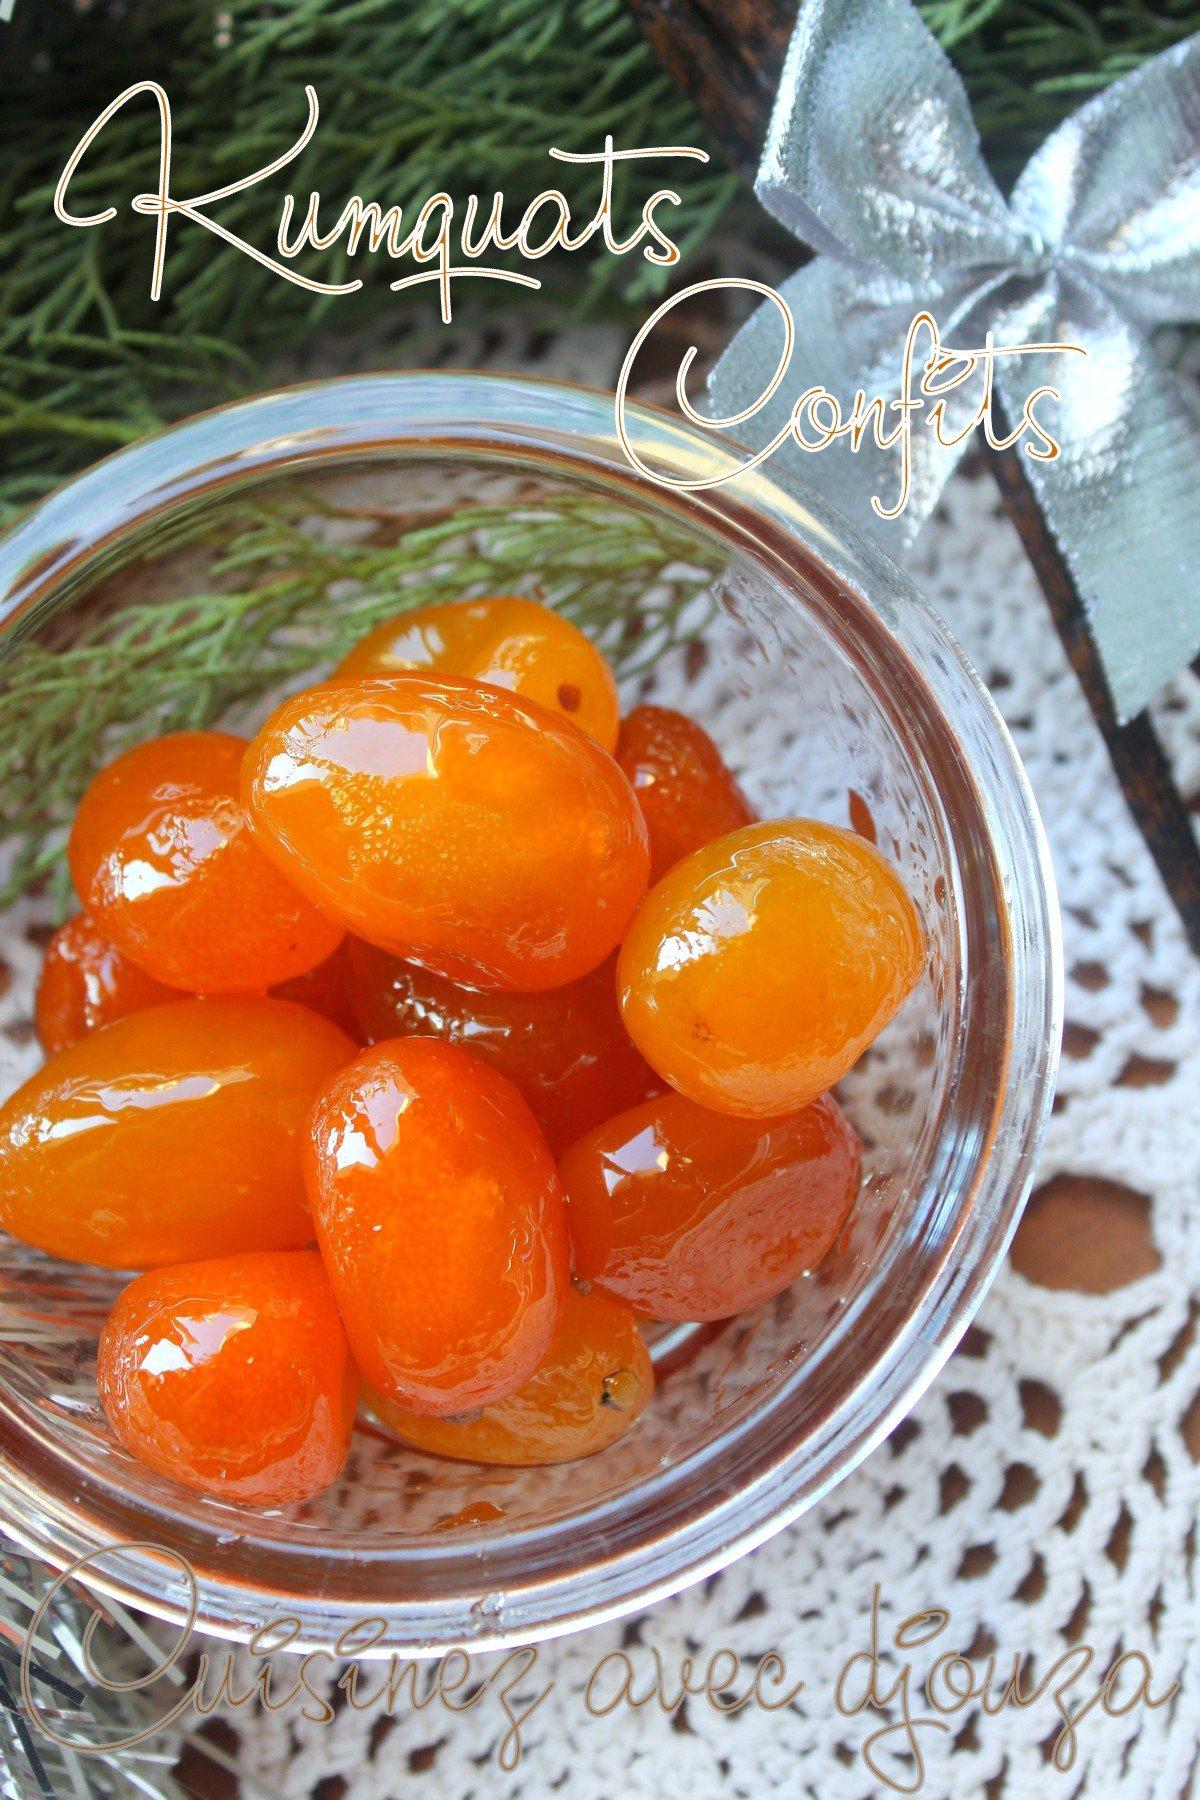 Kumquats confits, recette maison rapide